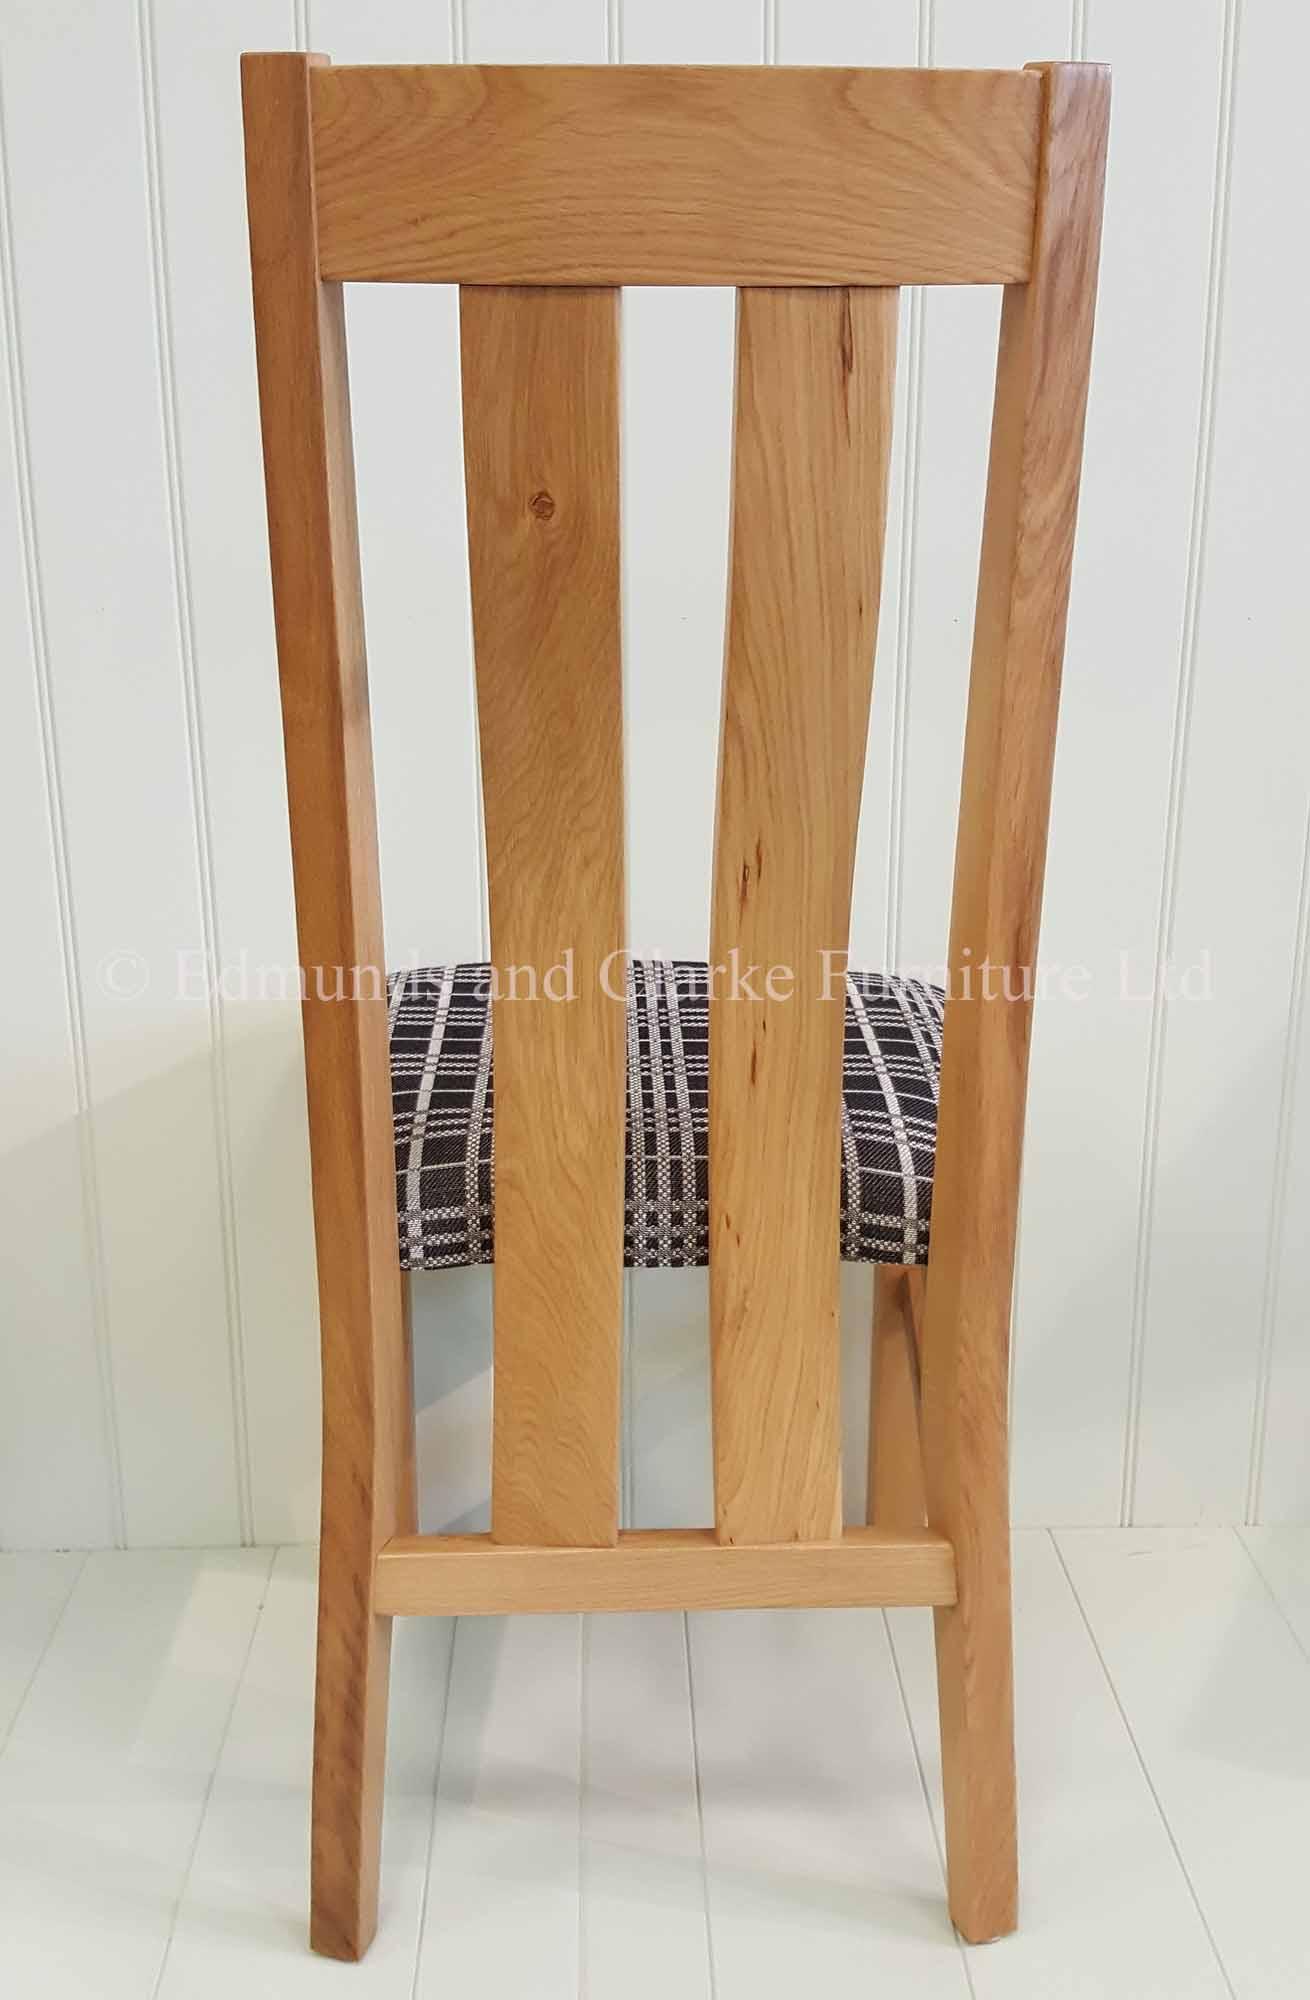 Edmunds harris oak dining chair